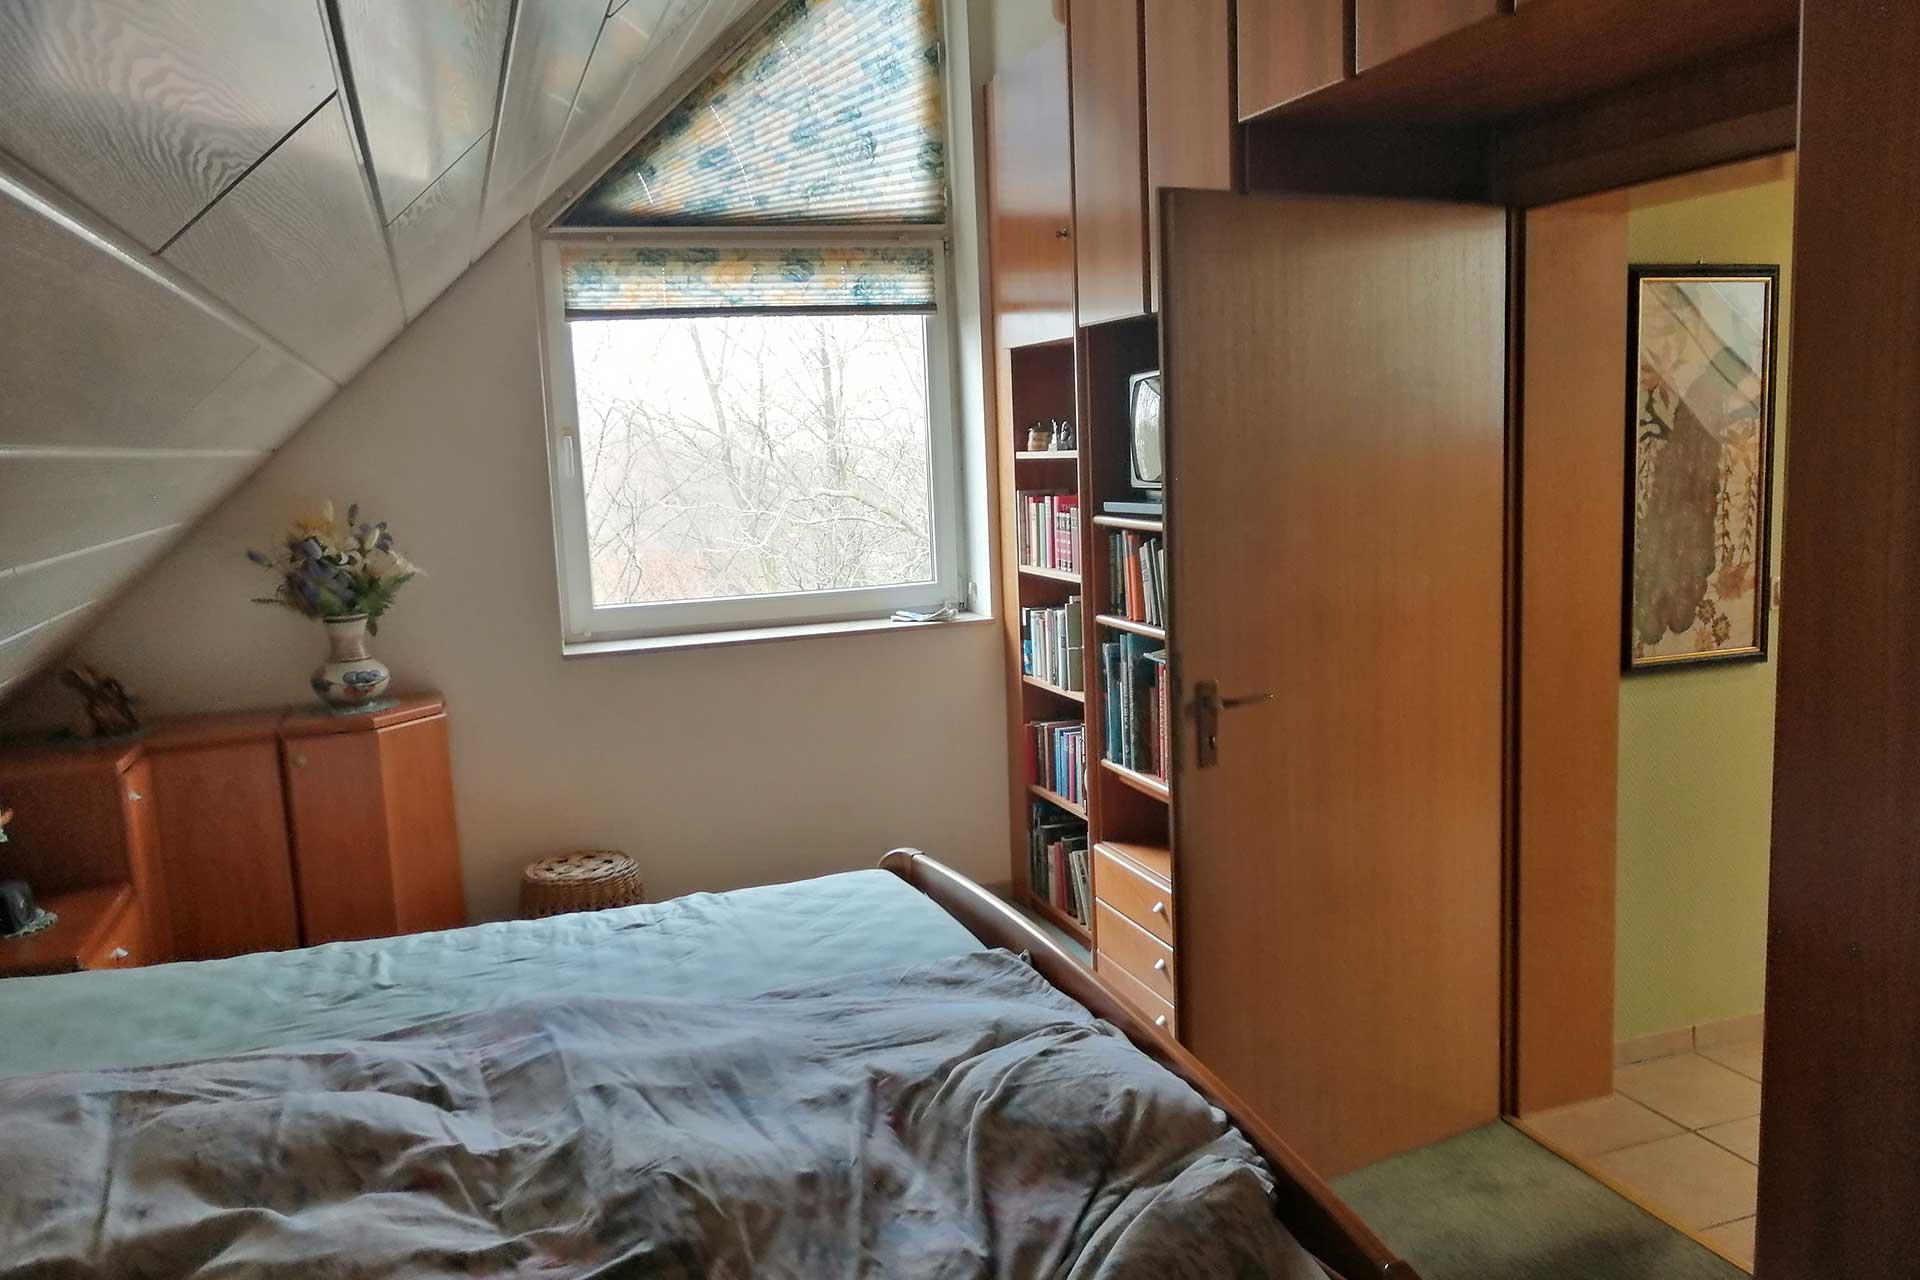 schlafzimmer-vorher